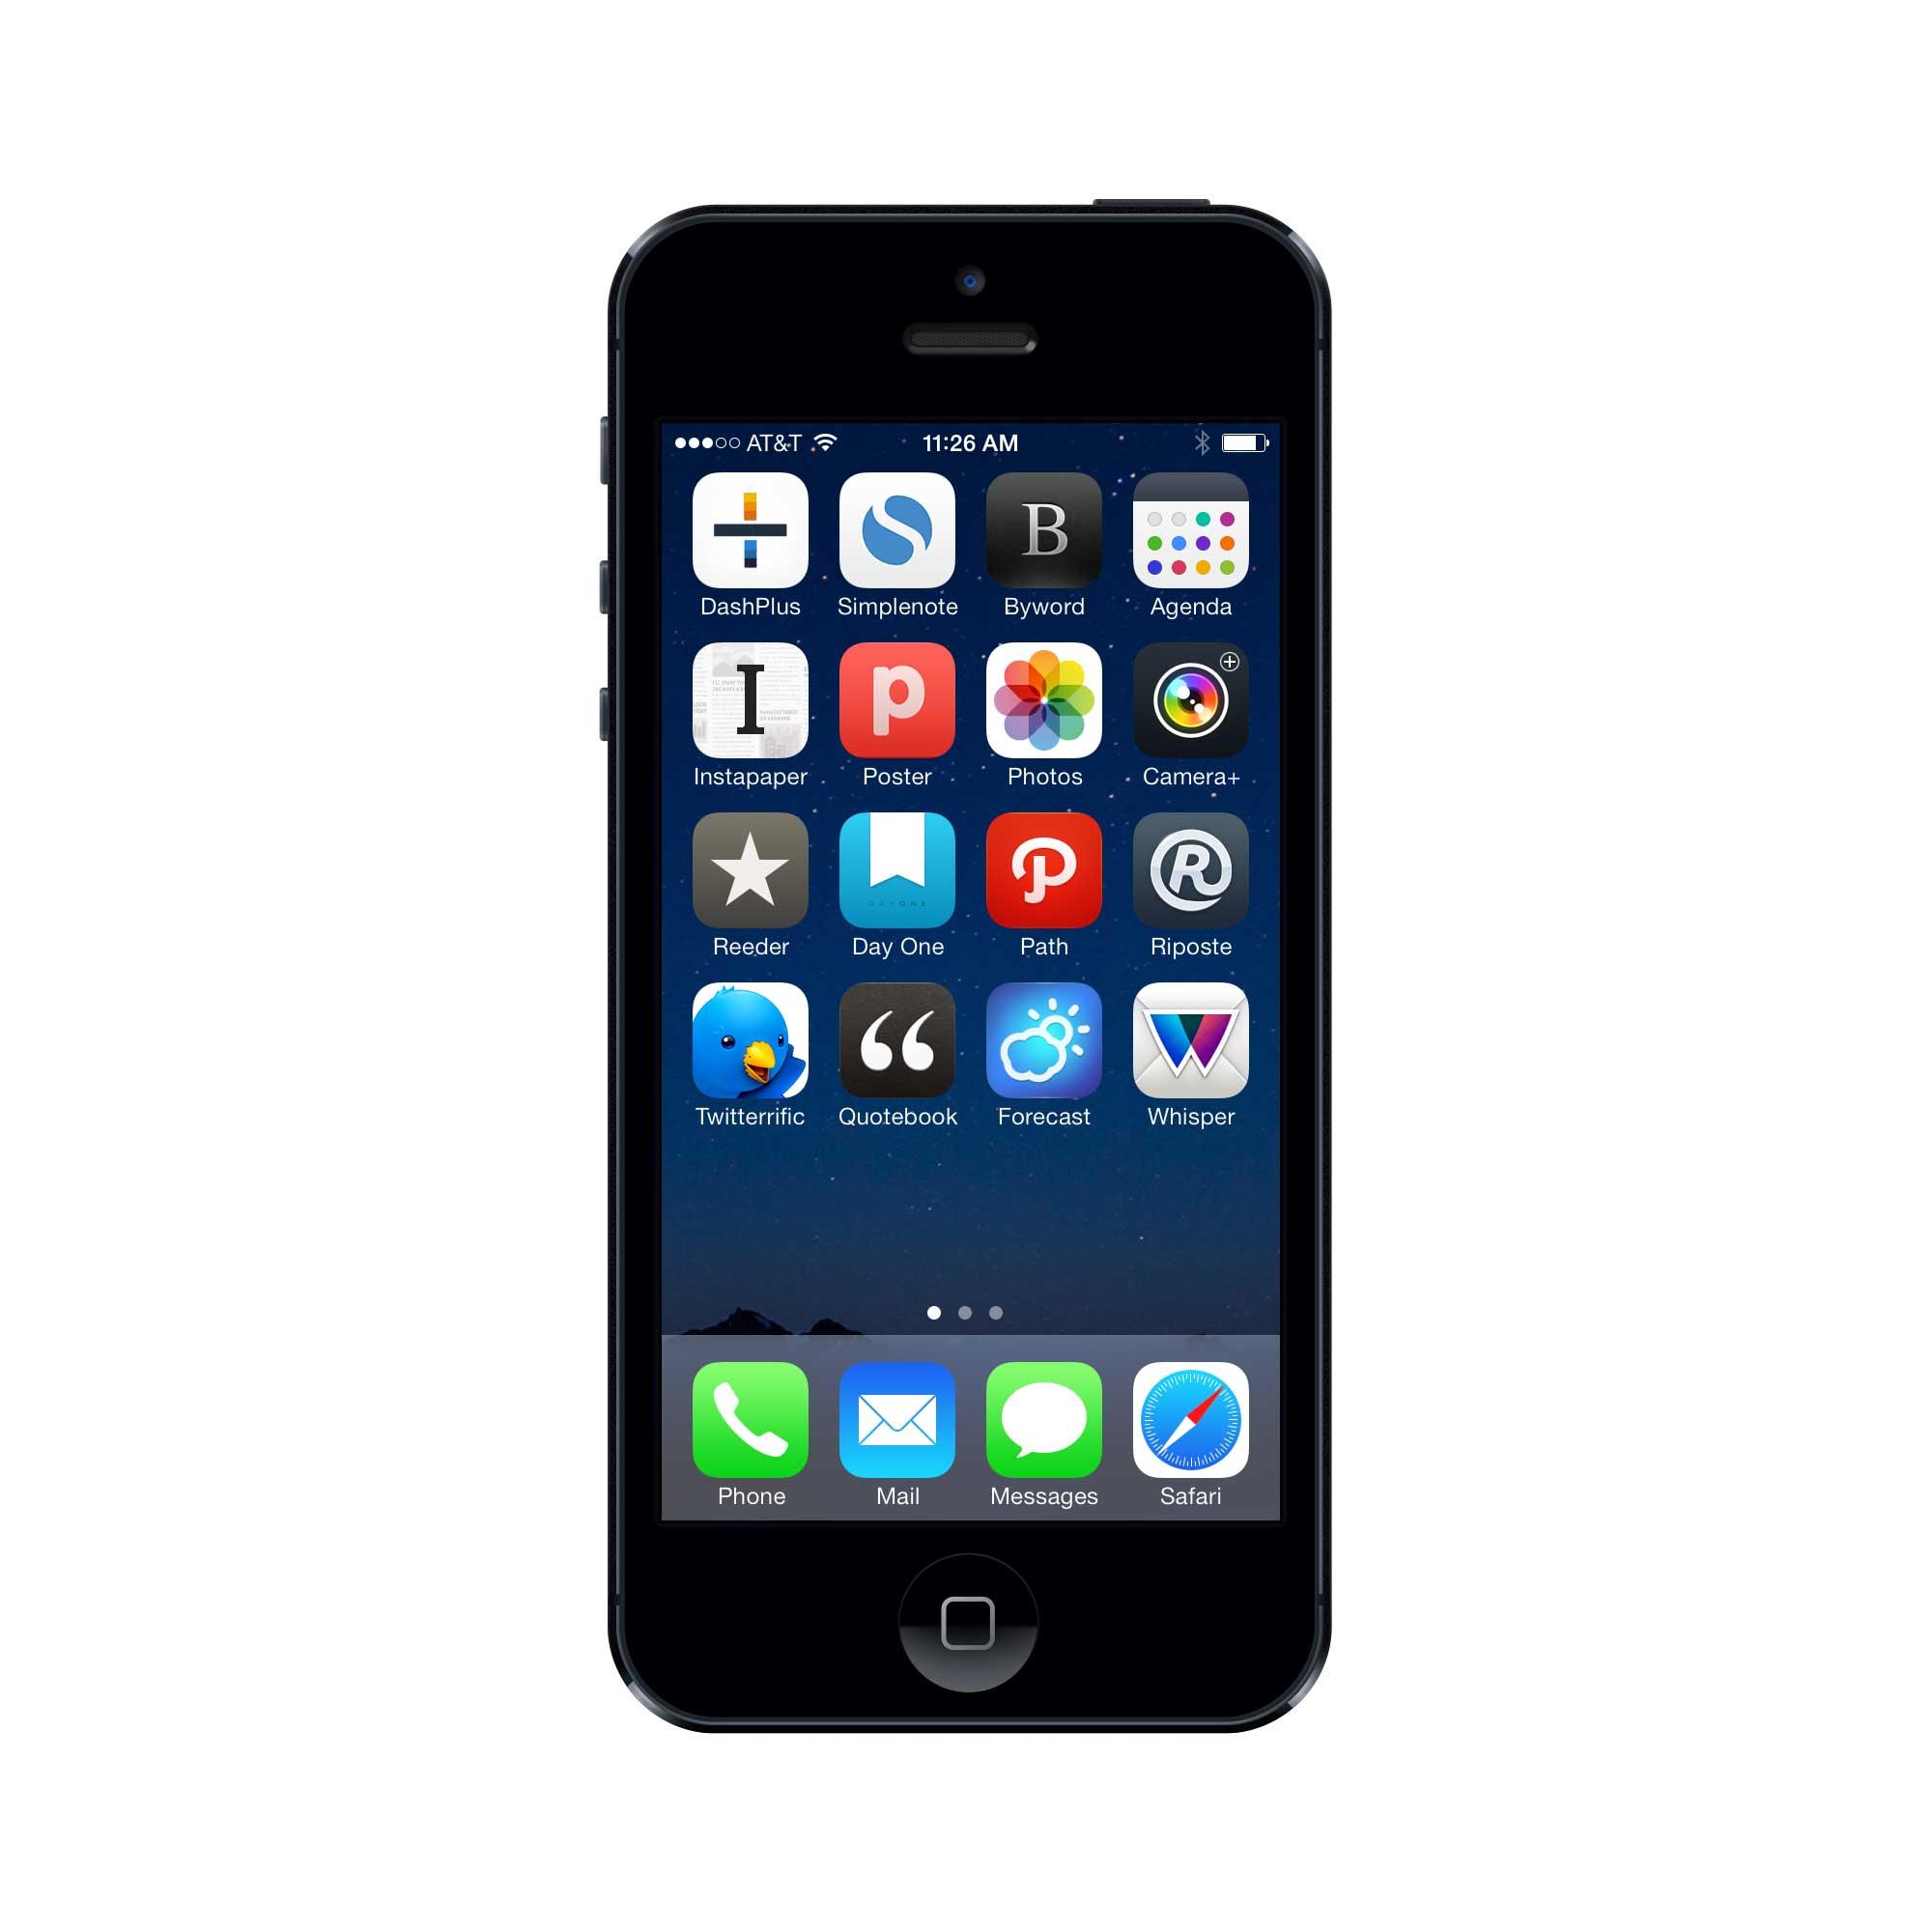 Patrick Rhone's iPhone setup